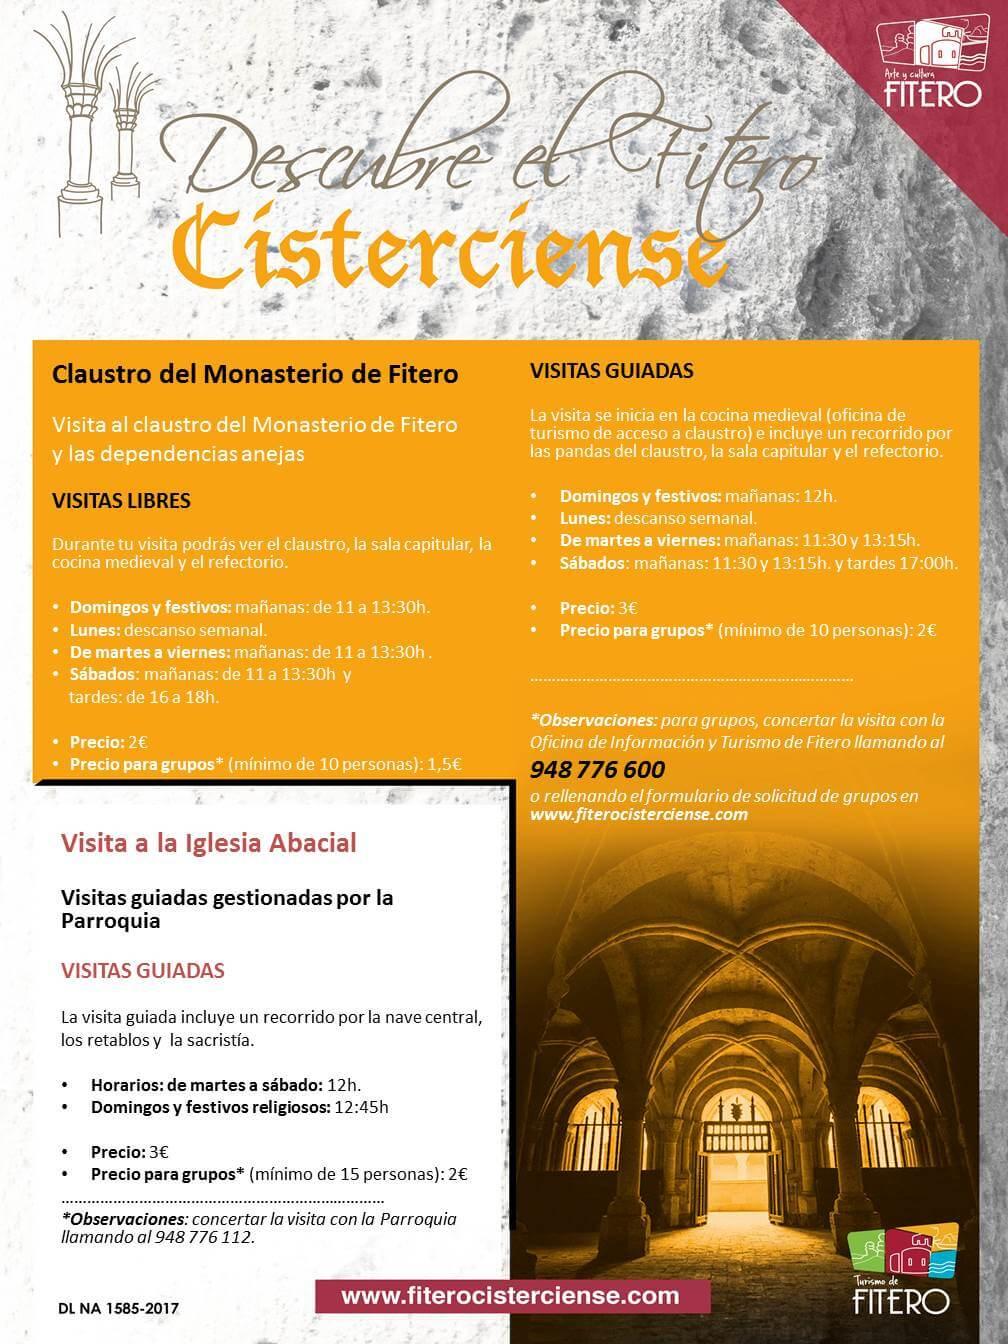 Horario de visitas libres y guiadas al Monasterio de Fitero desde el 8 de enero 2019 hasta finales de febrero 2019